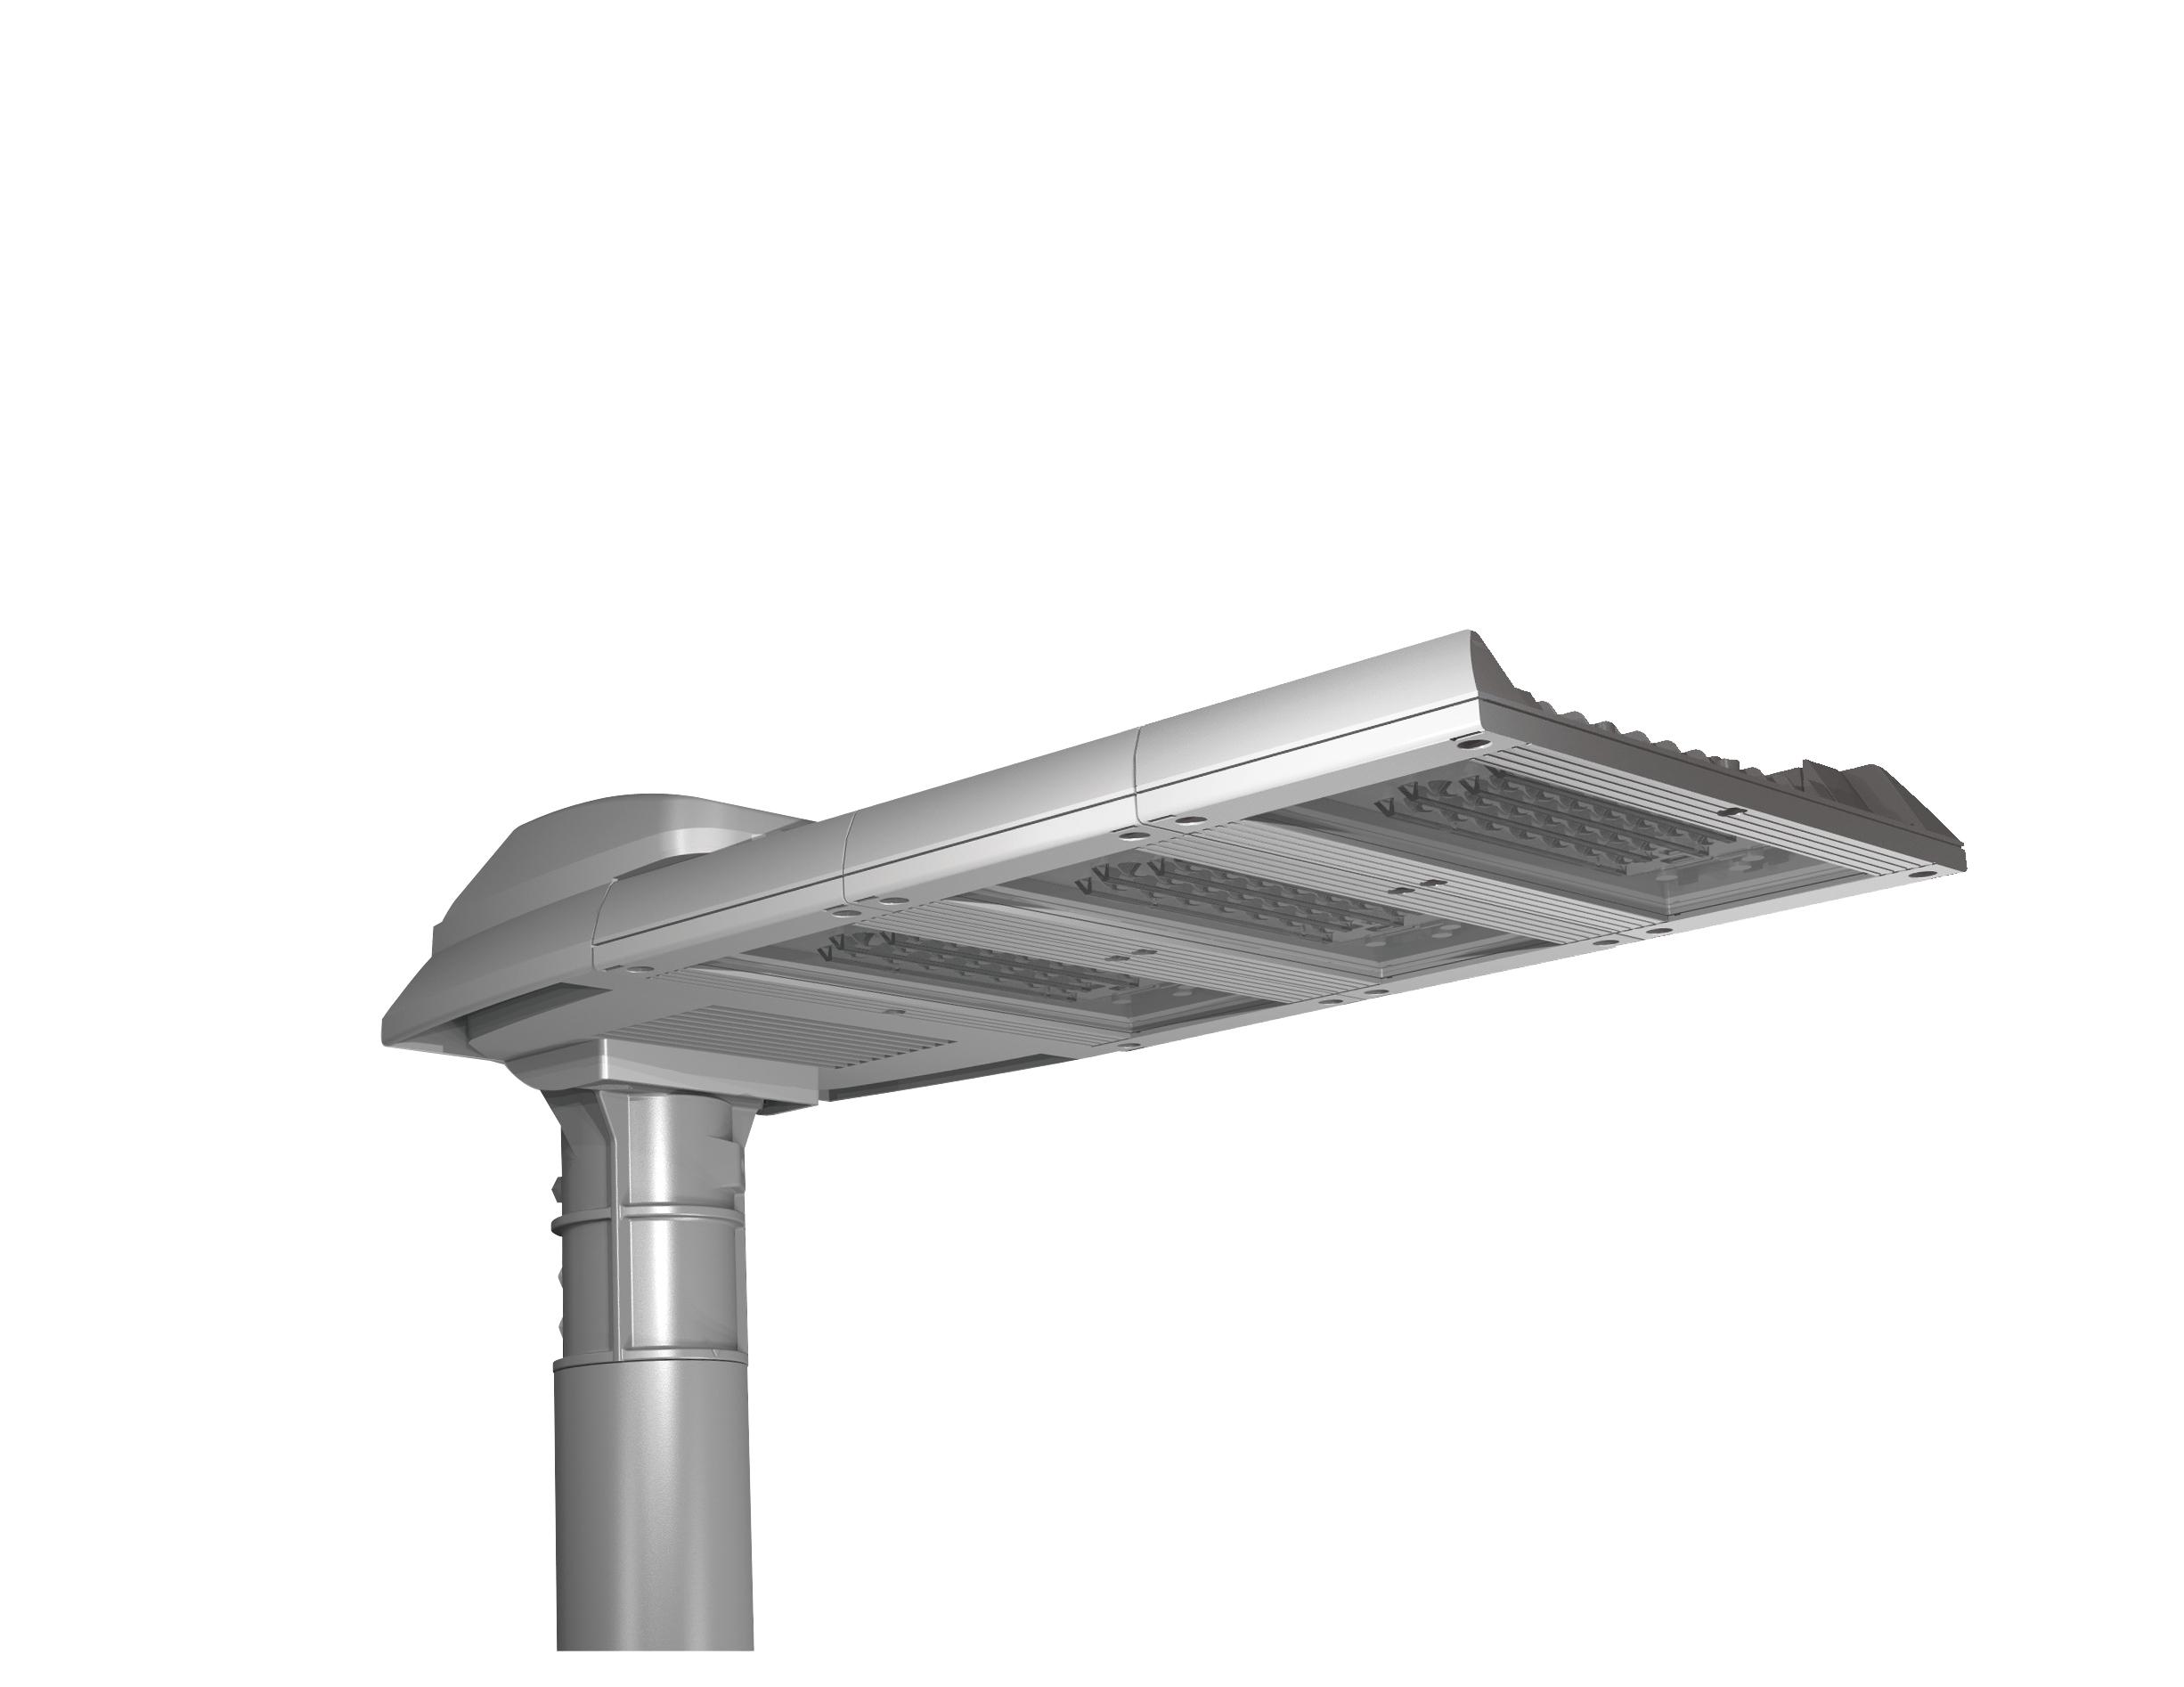 パナソニックのLED道路照明器具【高速道路/一般道路】ポール取付型